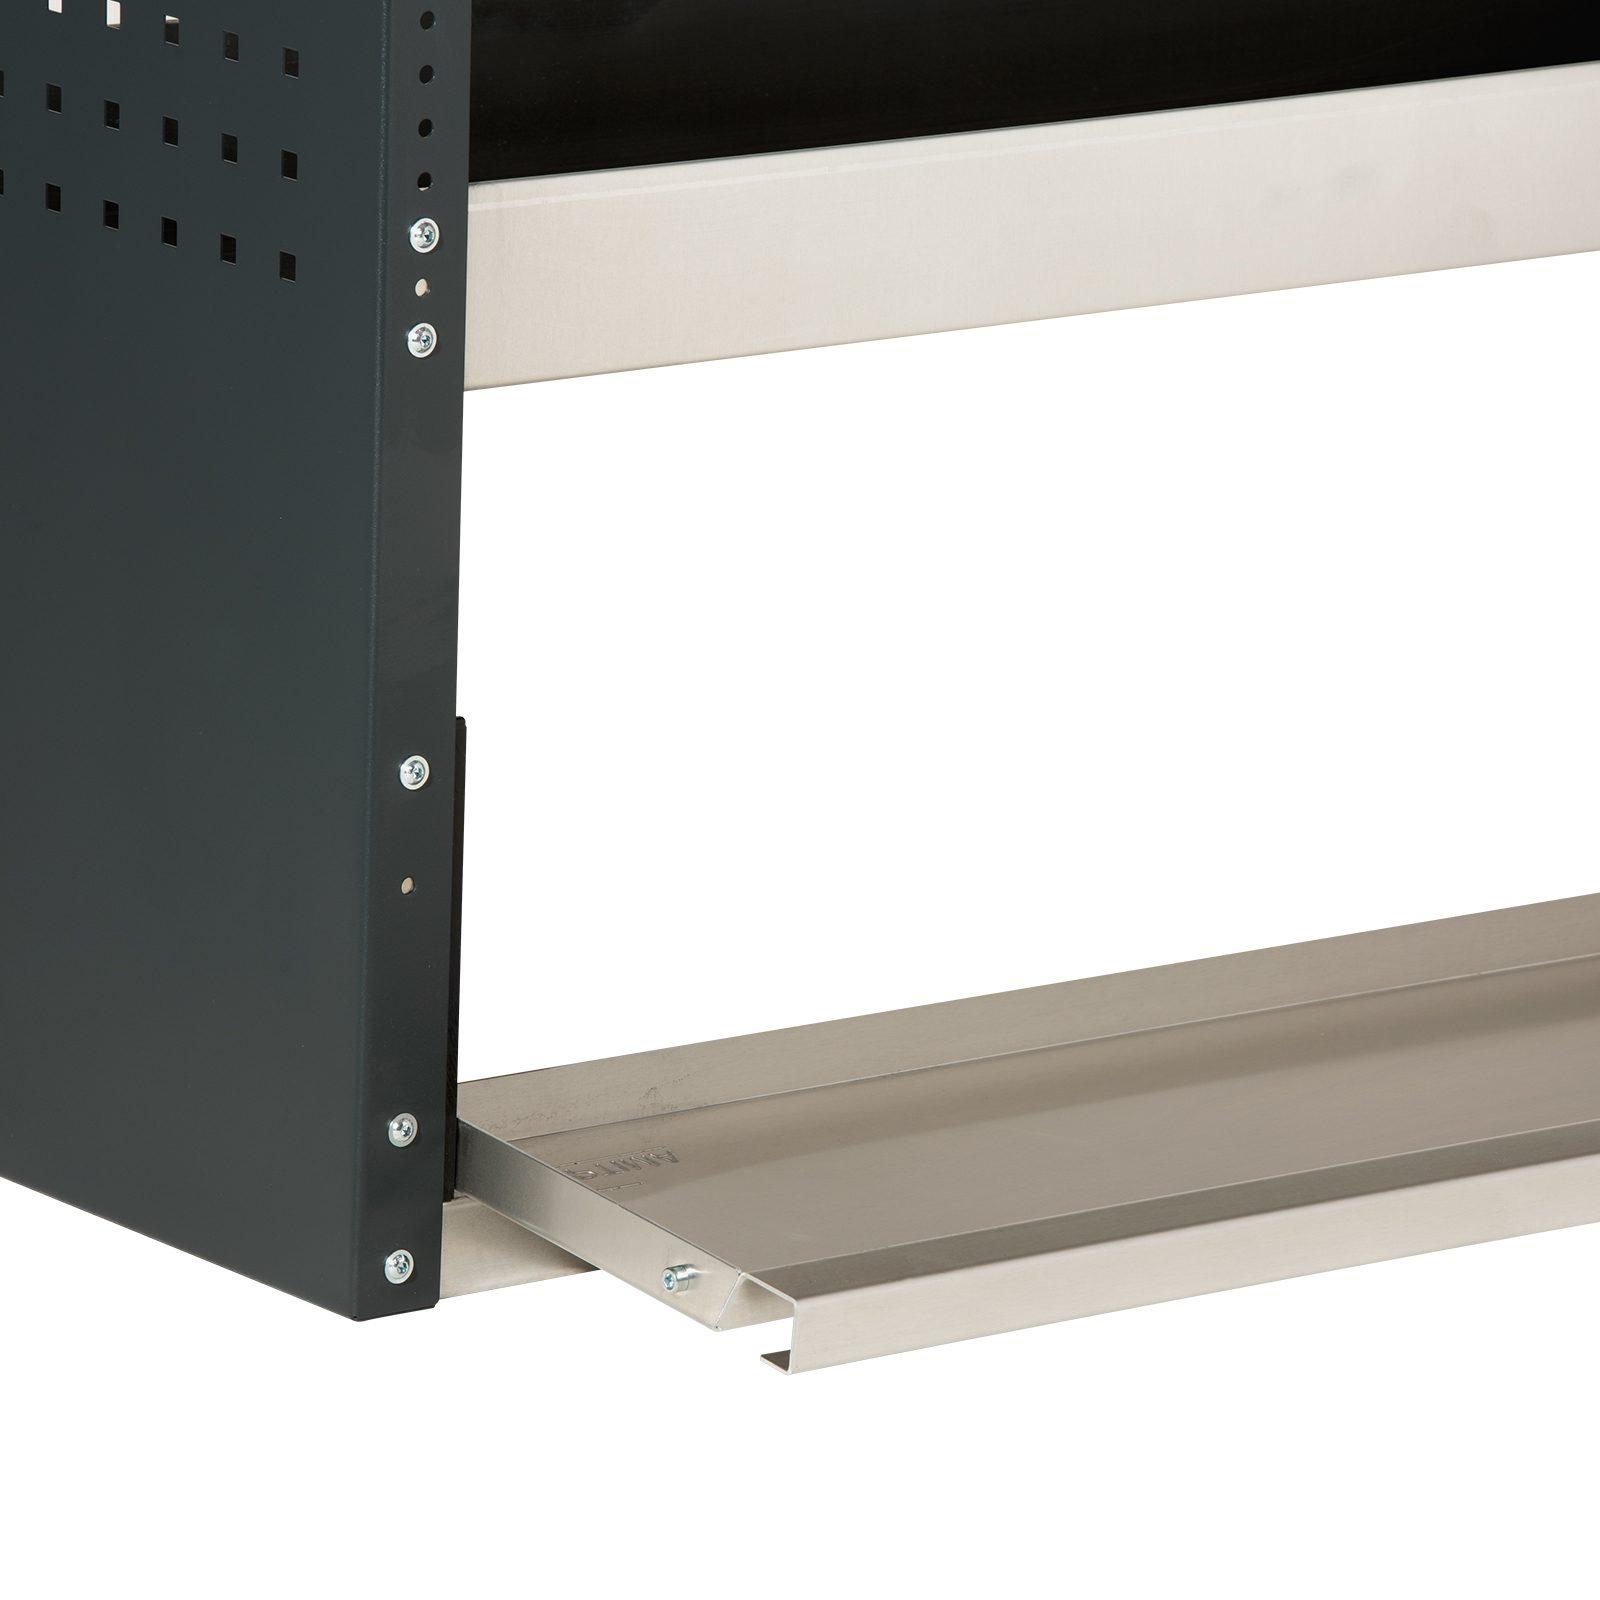 Optima-Fahrzeugeinrichtungen-Regal-Vatiante-Sichererungsklappe-geöffnet-Stahl-Aluminium-silber-professional-Breite-von-450-bis-1470mm-einfach